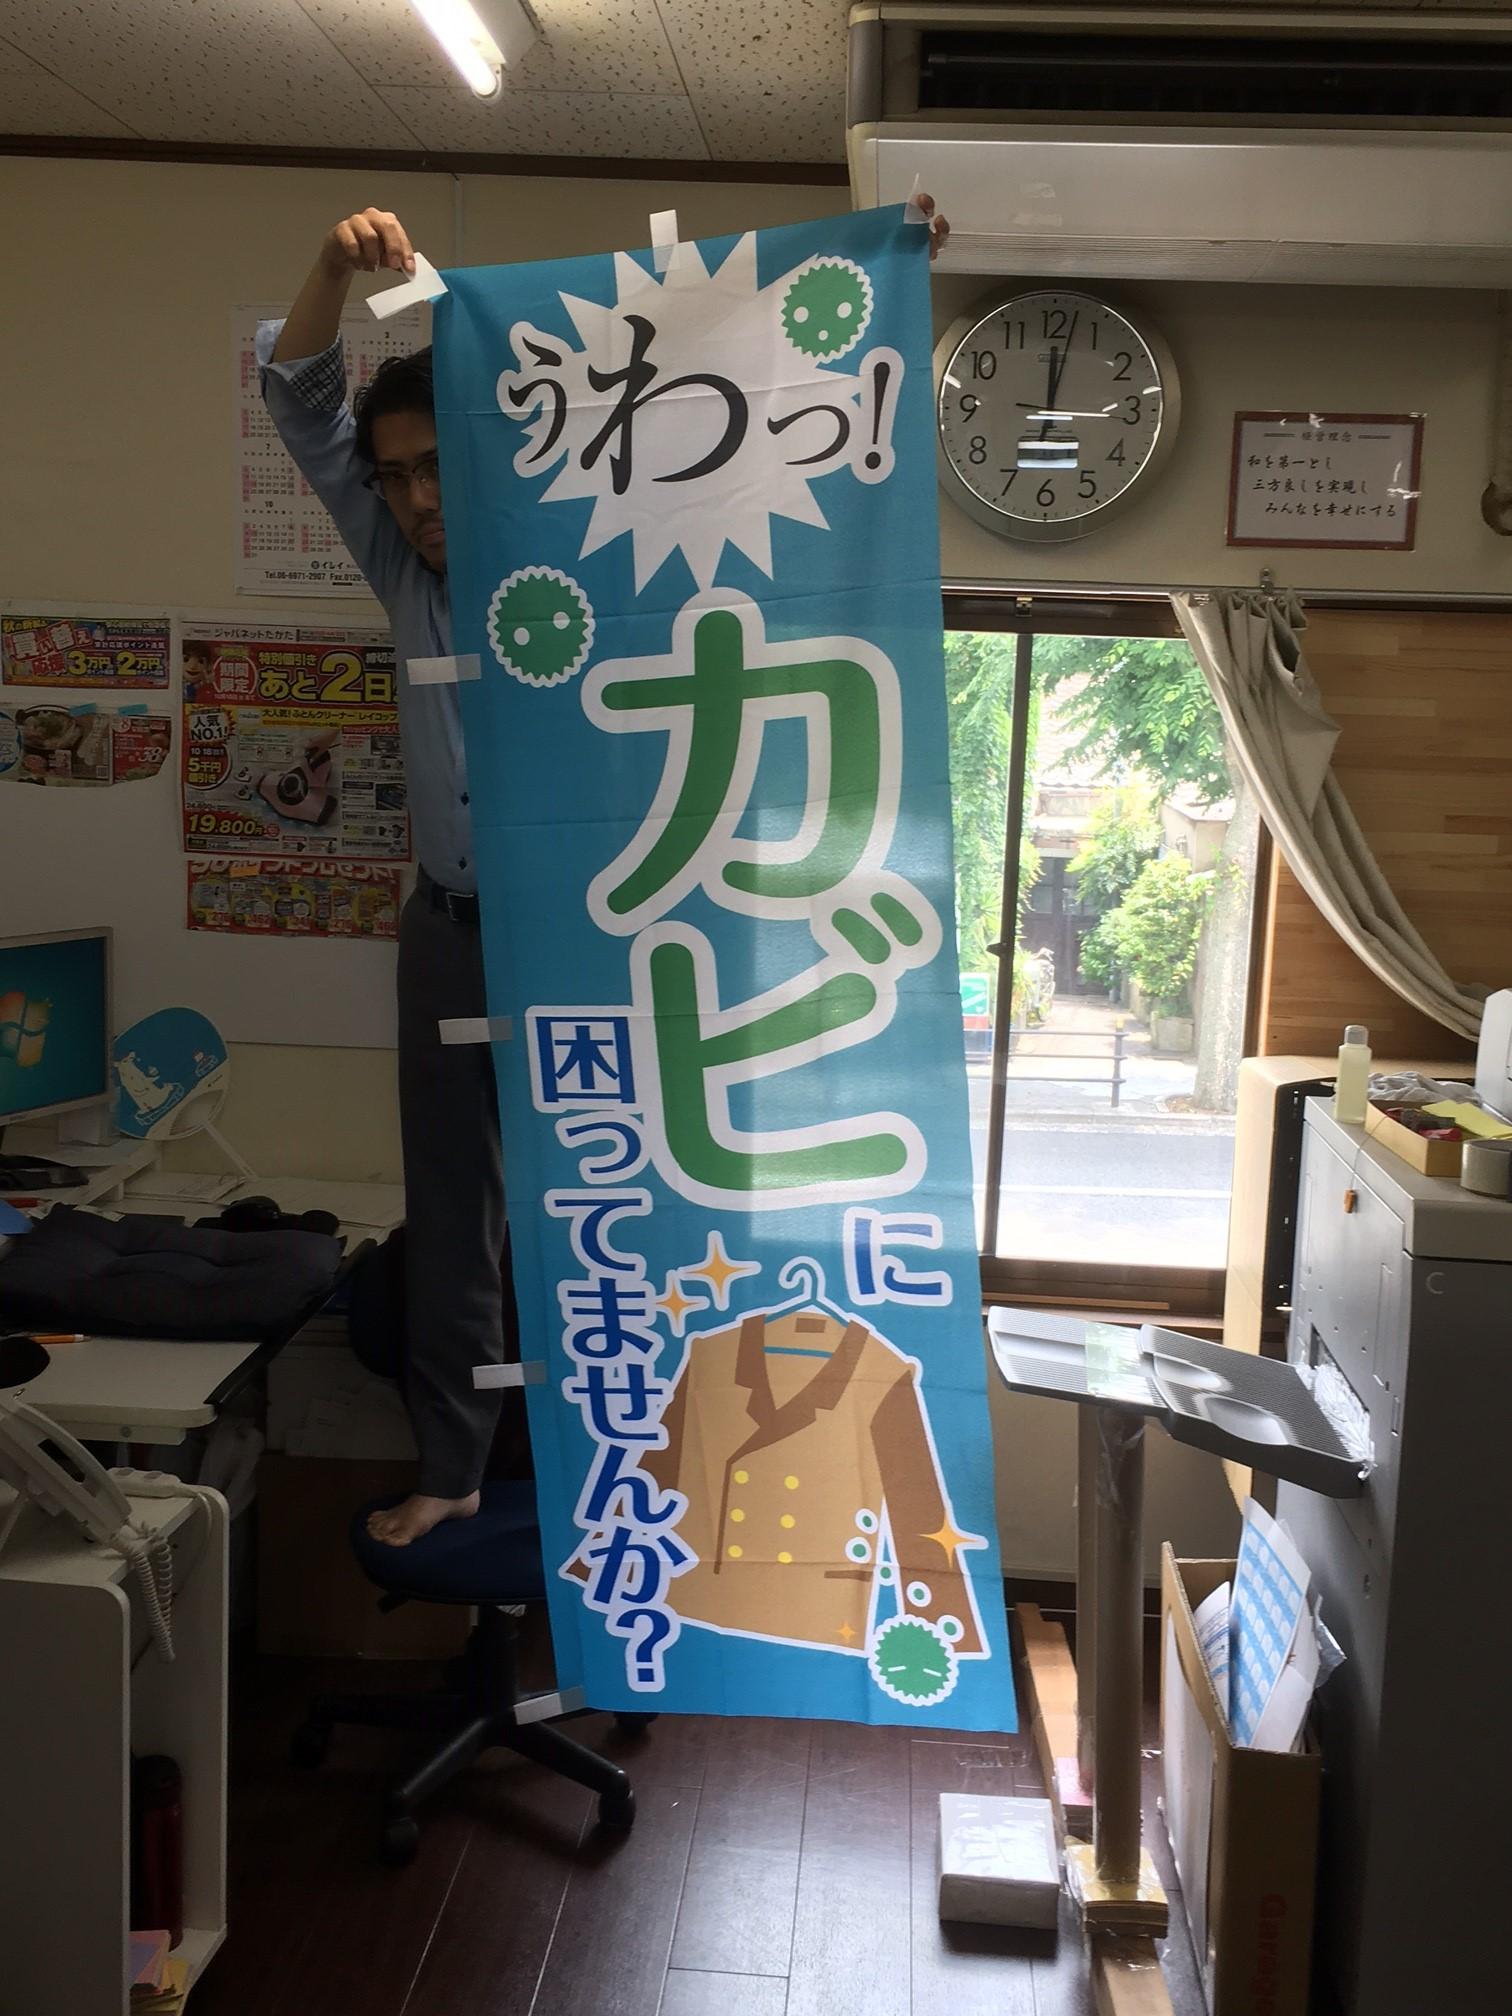 ノボリは1本からオリジナル(別注)で作れるンですYO!